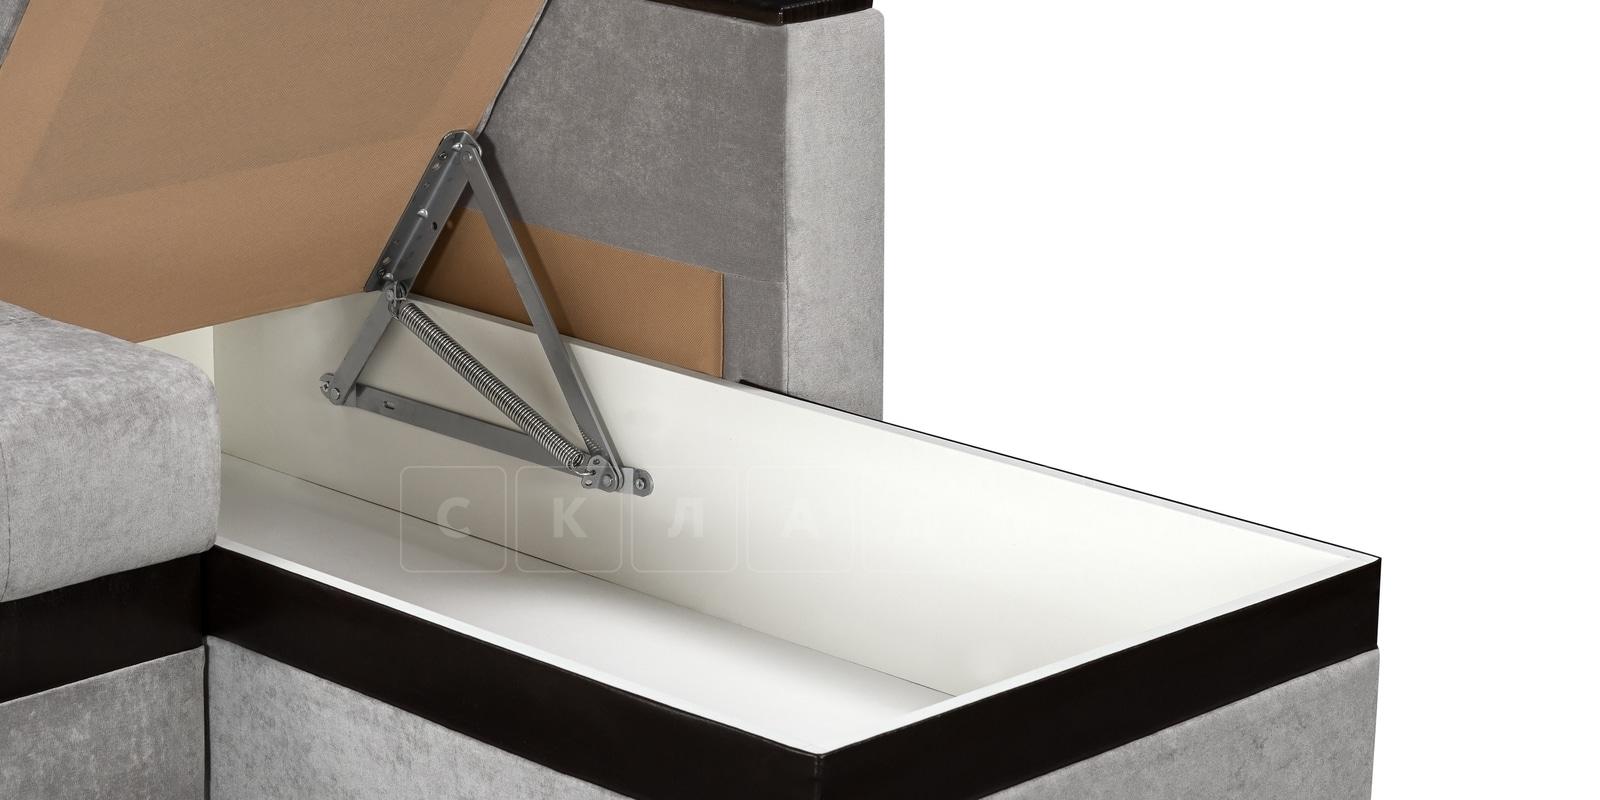 Угловой диван Атланта велюр светло-серый фото 5 | интернет-магазин Складно